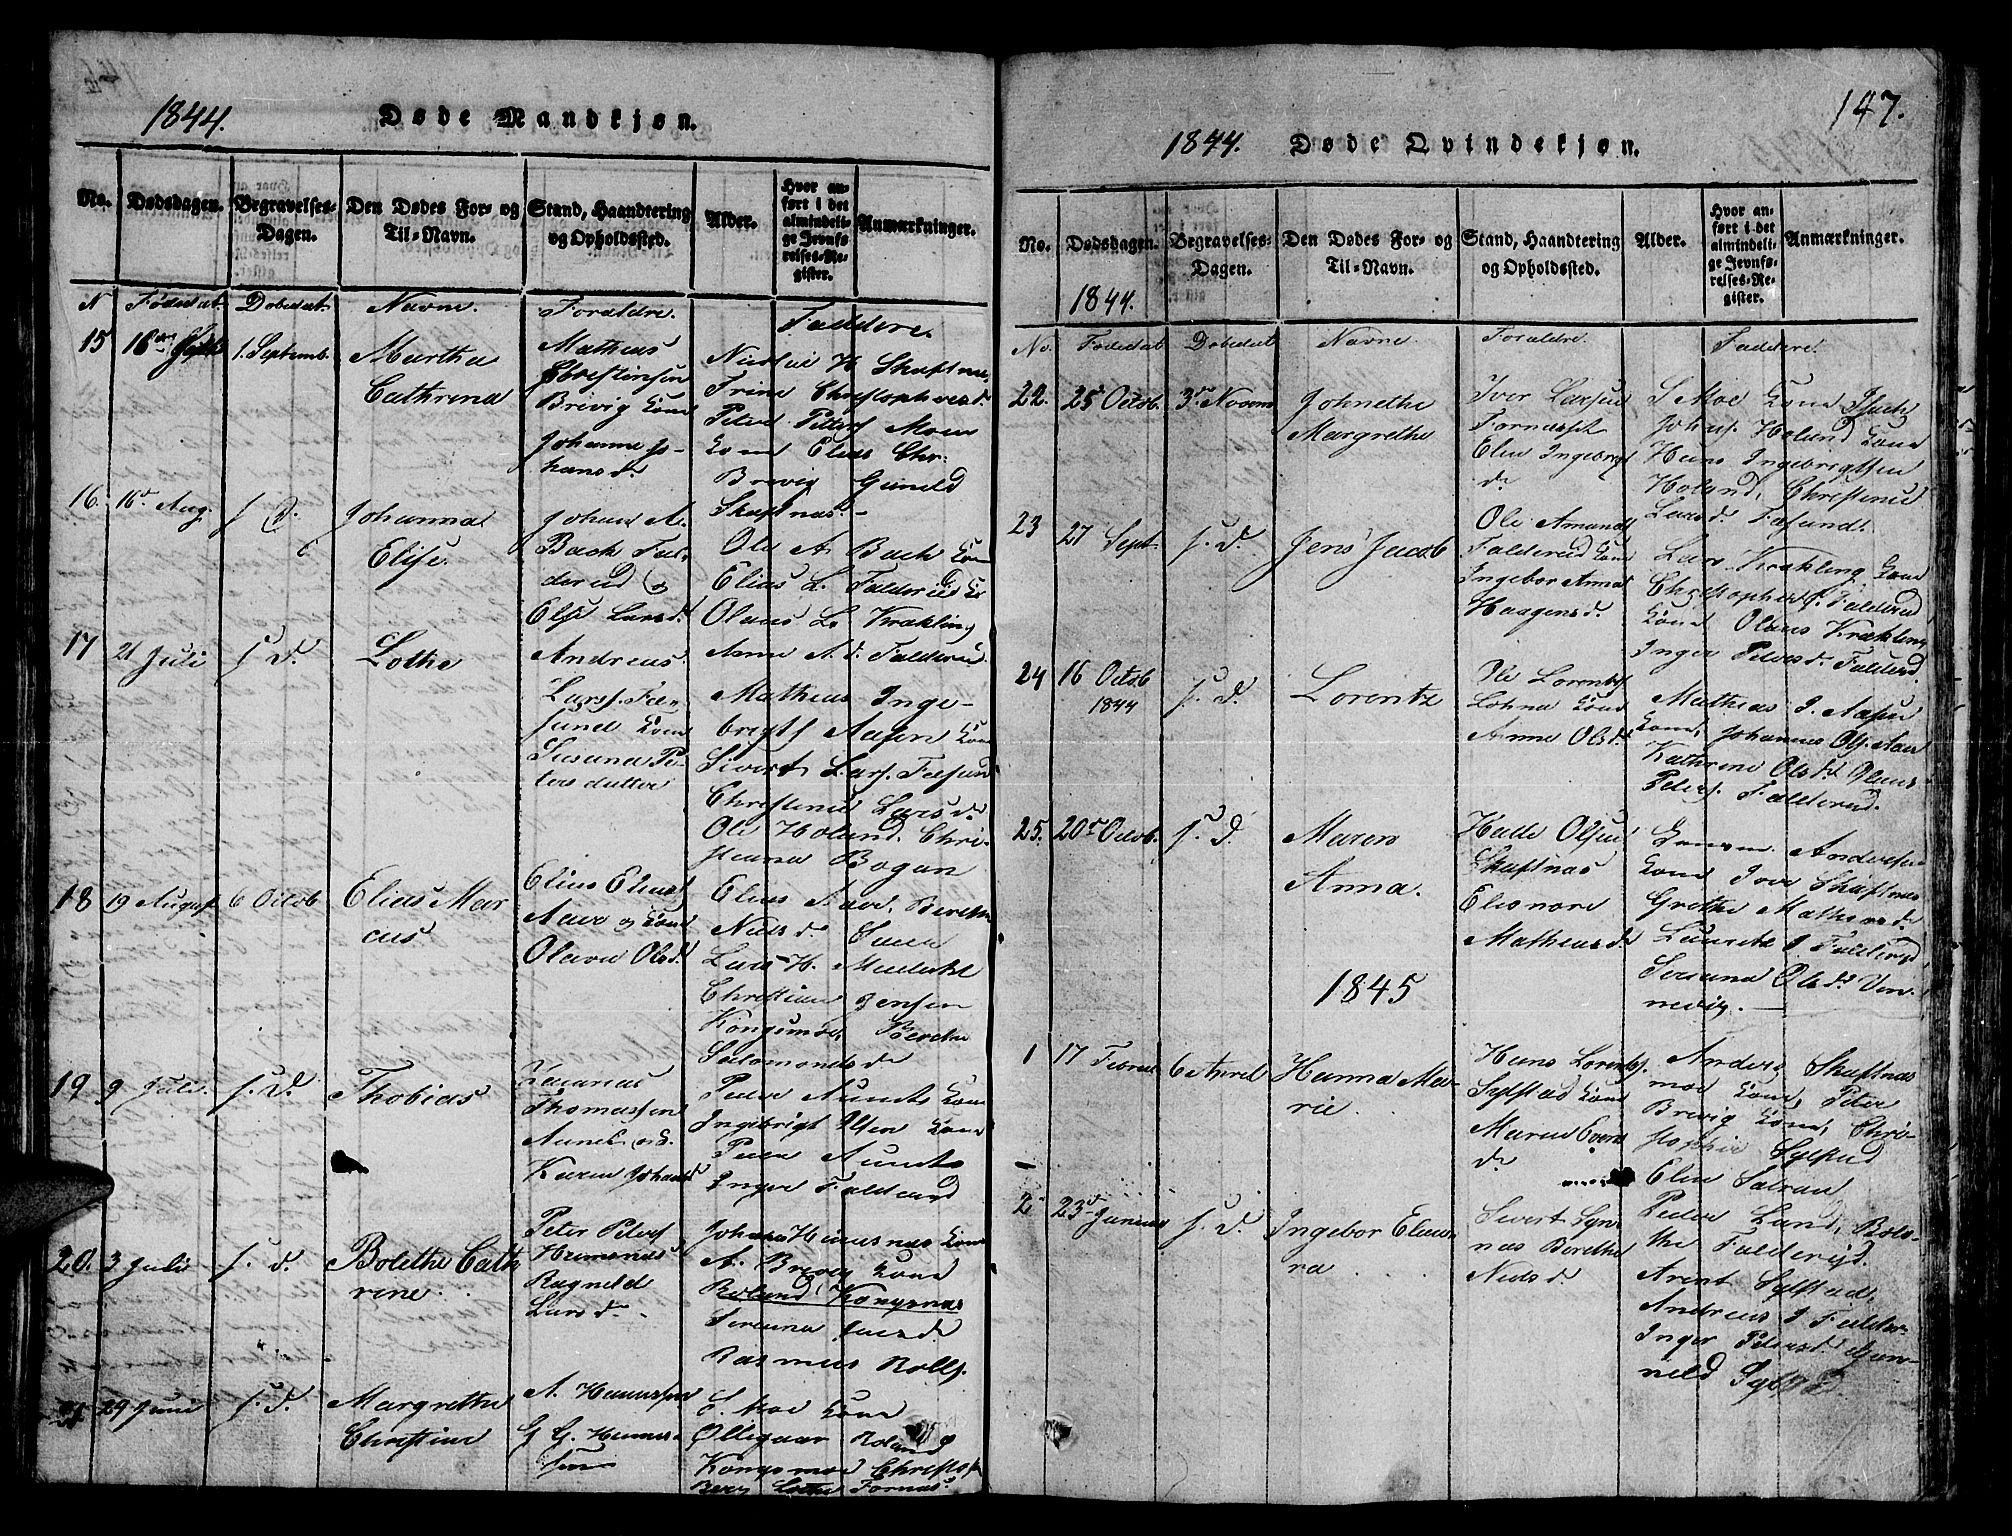 SAT, Ministerialprotokoller, klokkerbøker og fødselsregistre - Nord-Trøndelag, 780/L0648: Klokkerbok nr. 780C01 /3, 1815-1877, s. 147